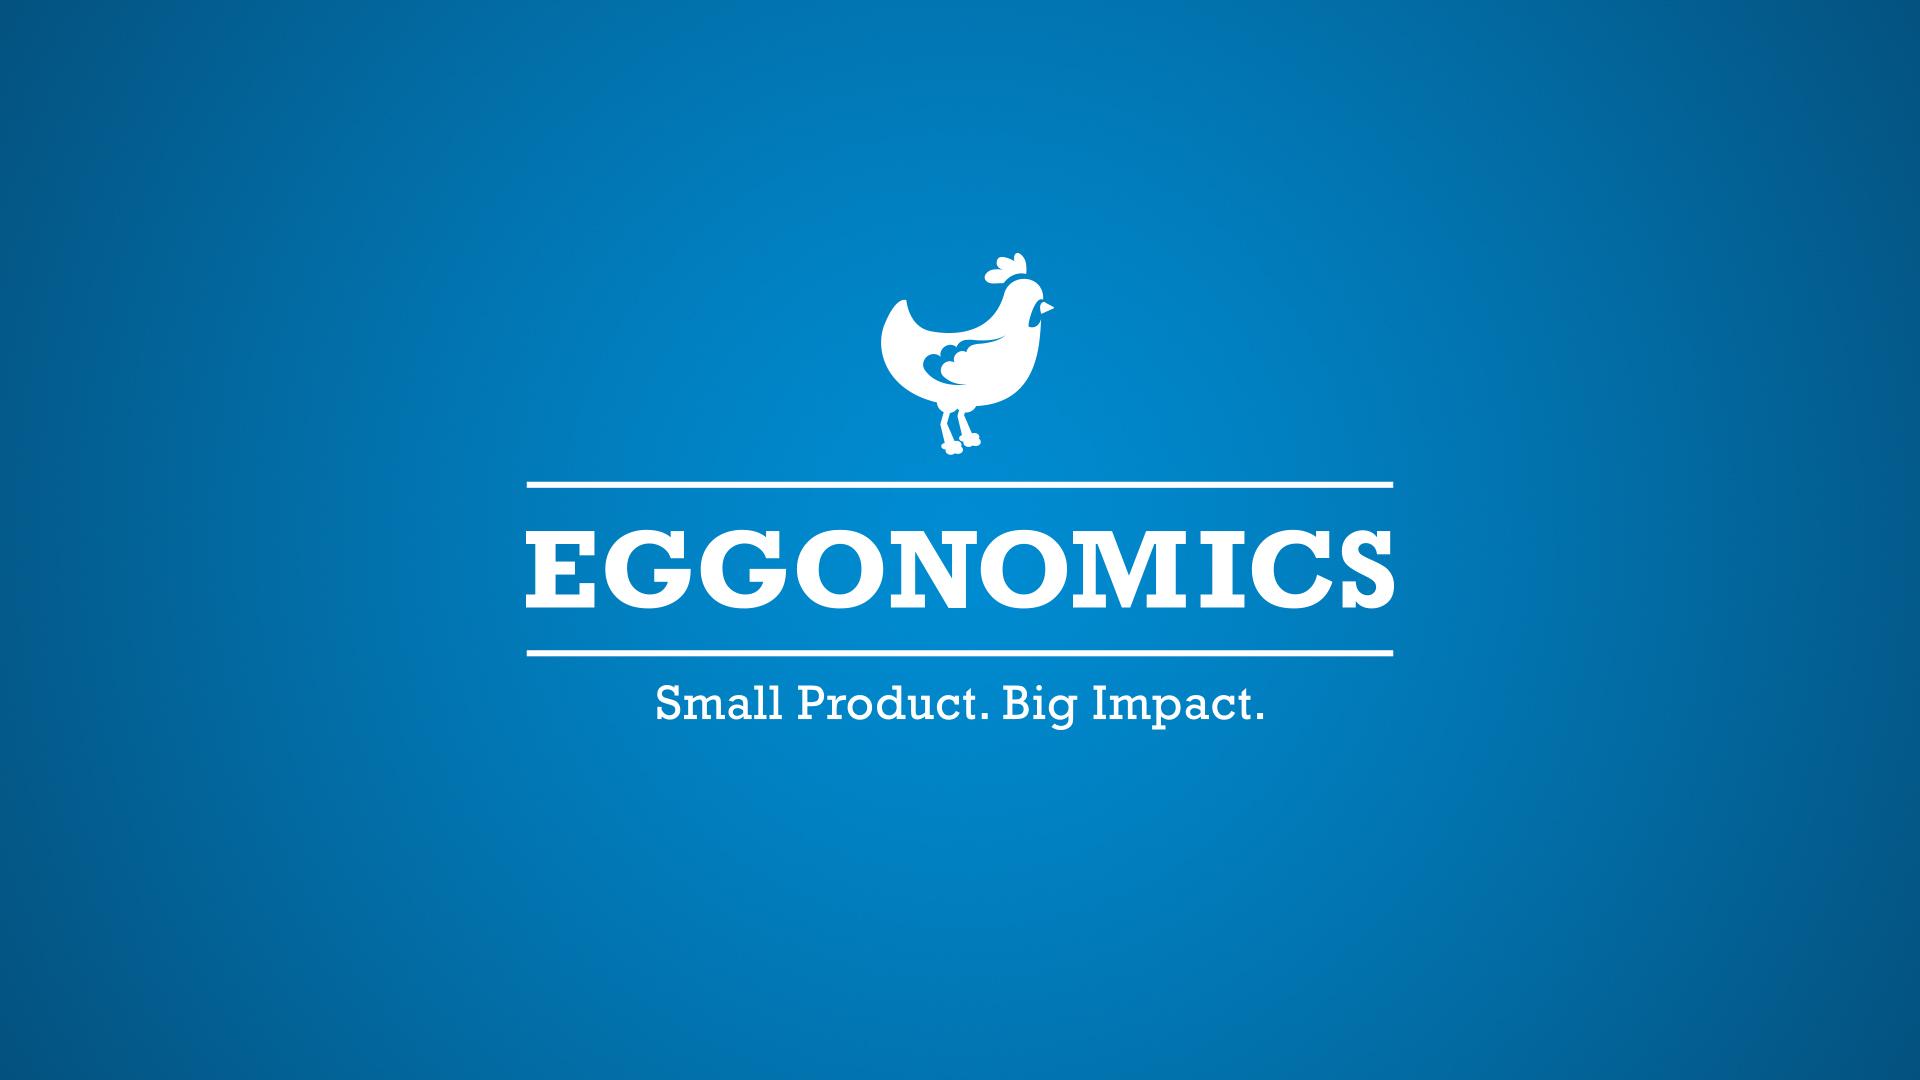 Eggonomics_DominiqueMagnusson_55.jpg